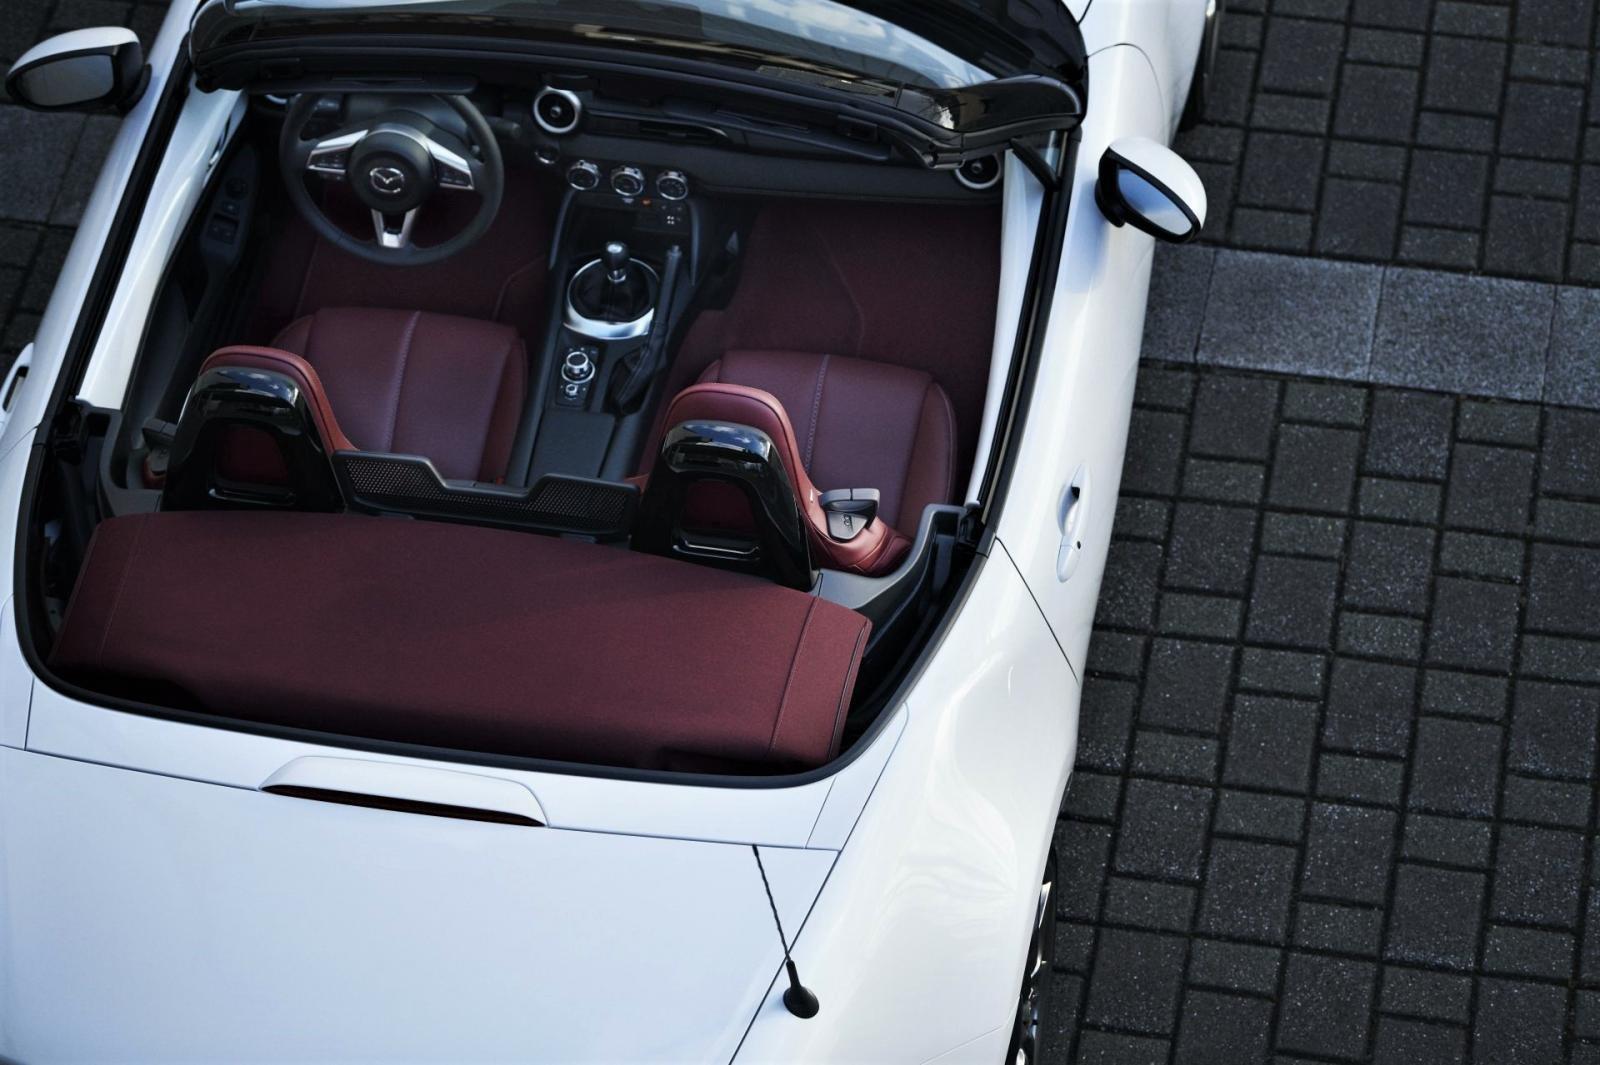 Thị trường Anh Quốc cũng sẽ đón nhận bộ sưu tập Mazda đặc biệt vào cuối năm nay 1